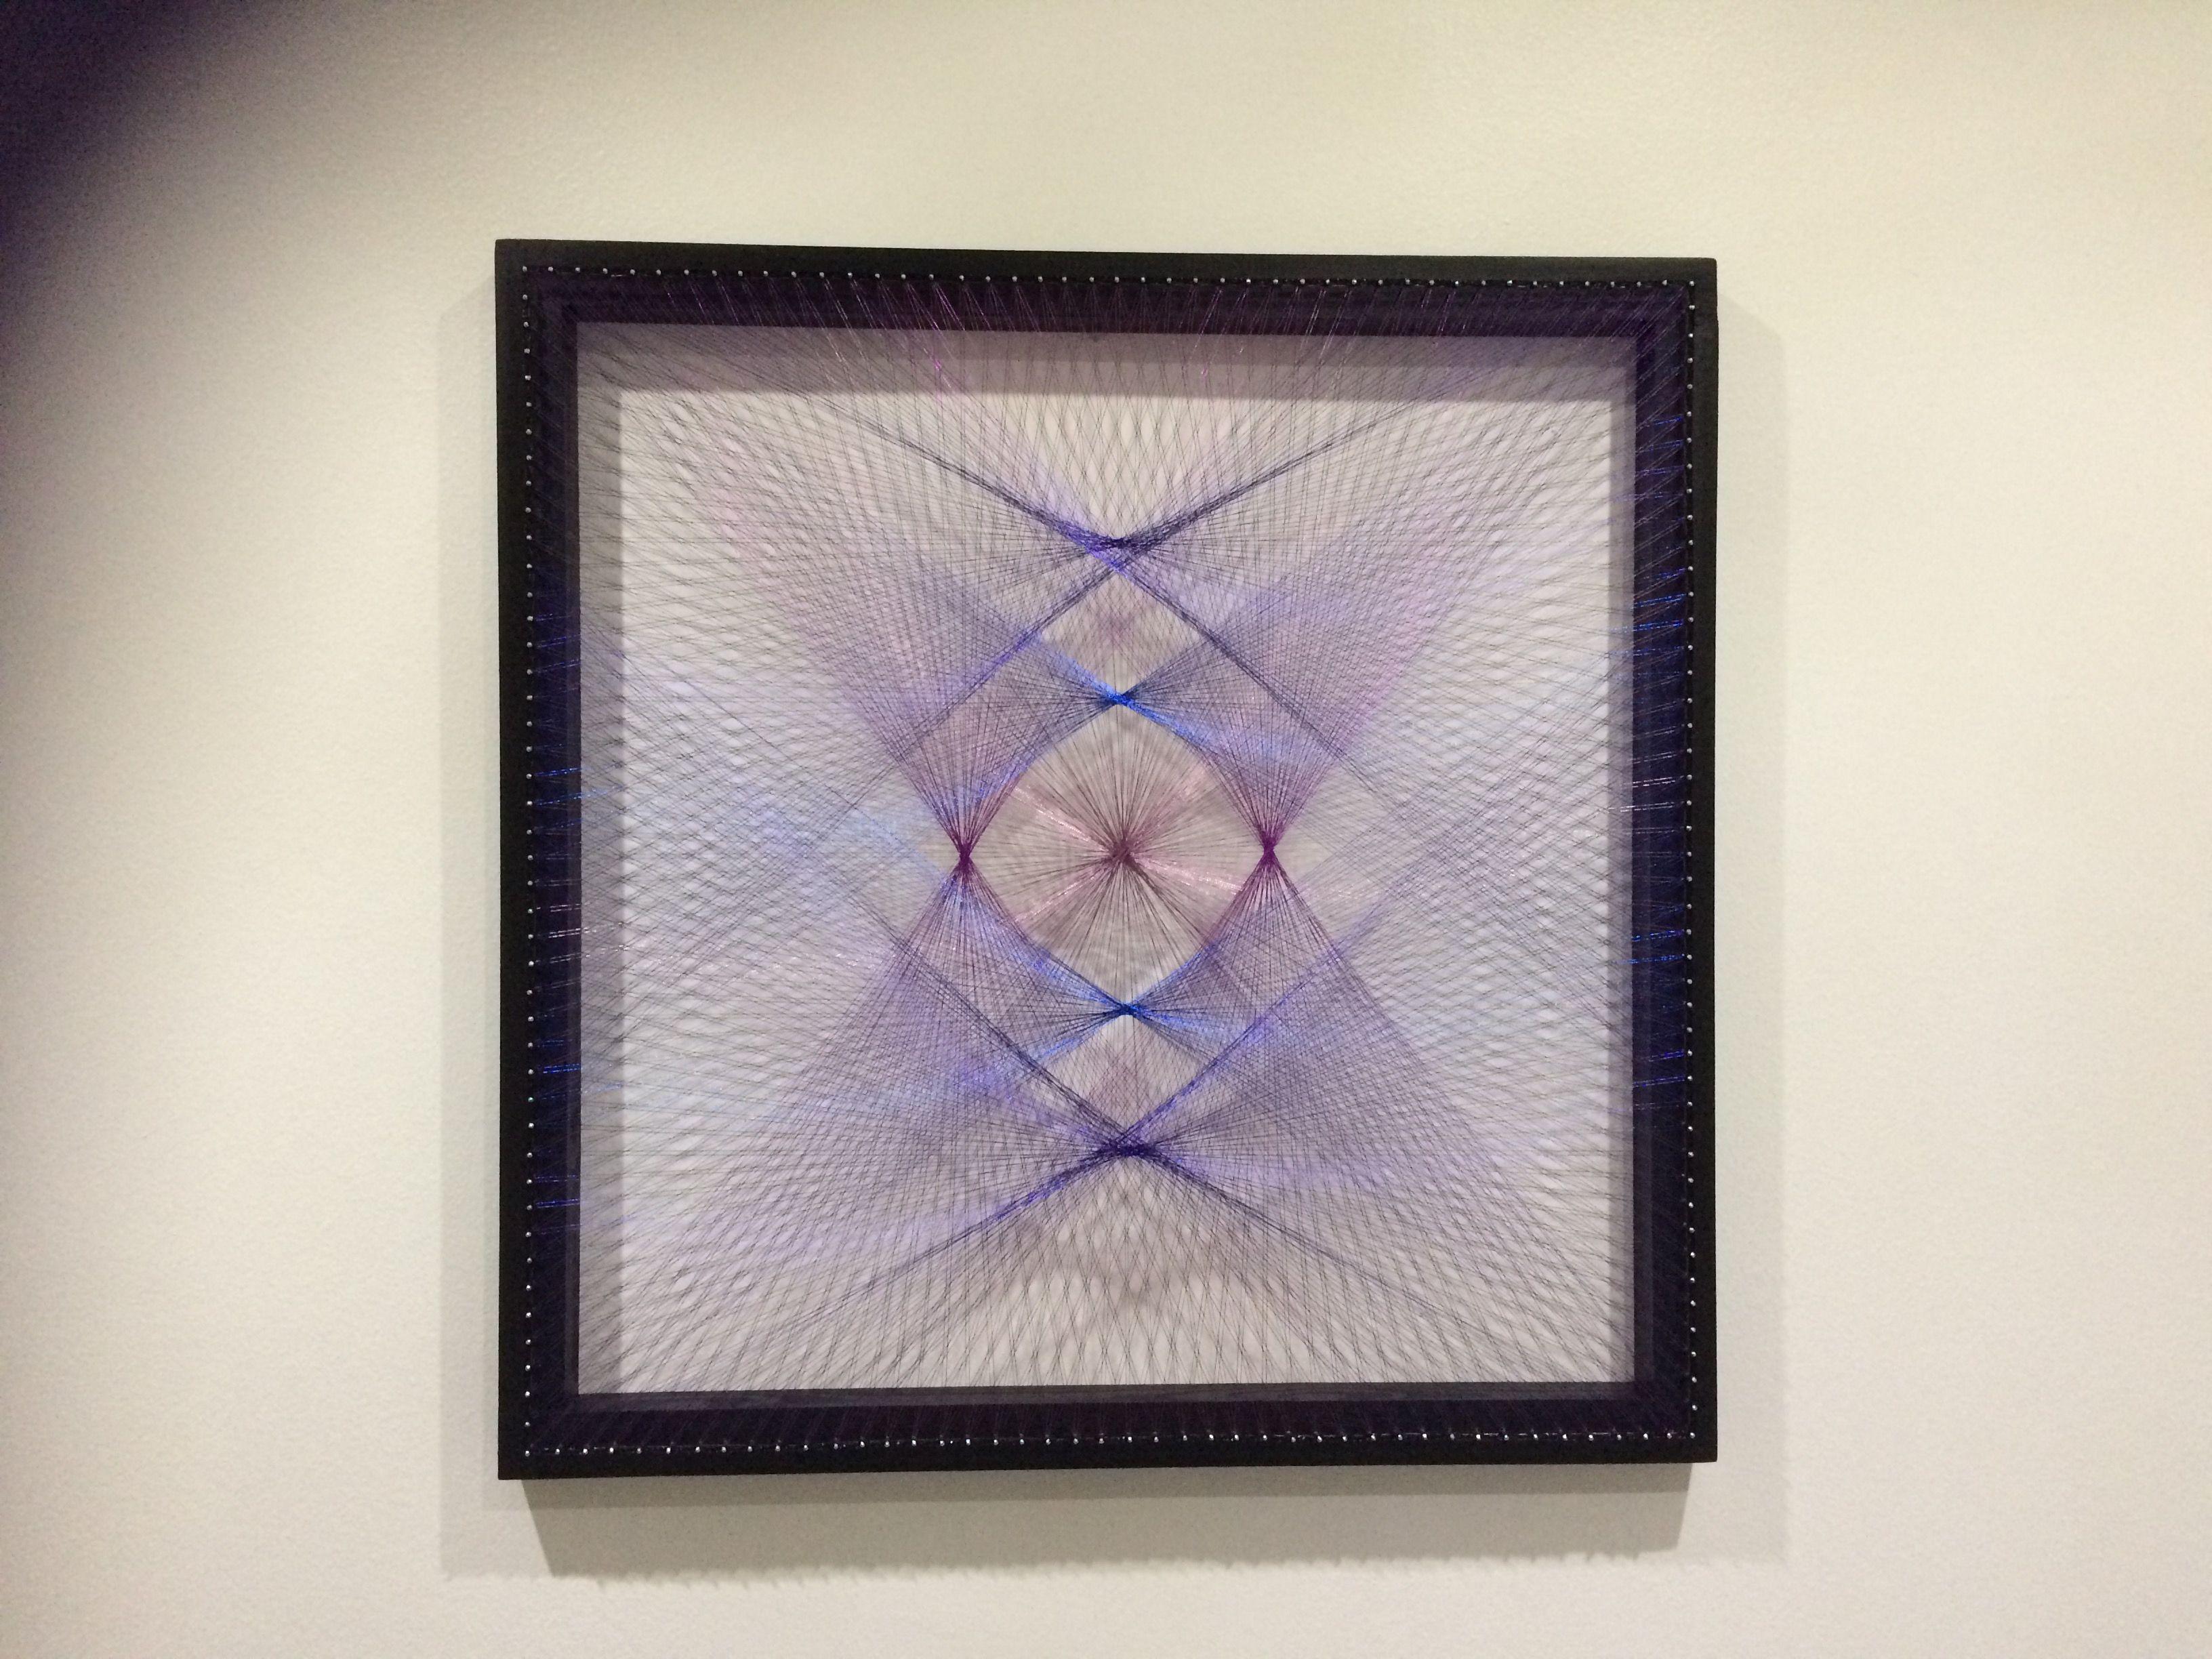 Geometric string art frame by LSD String